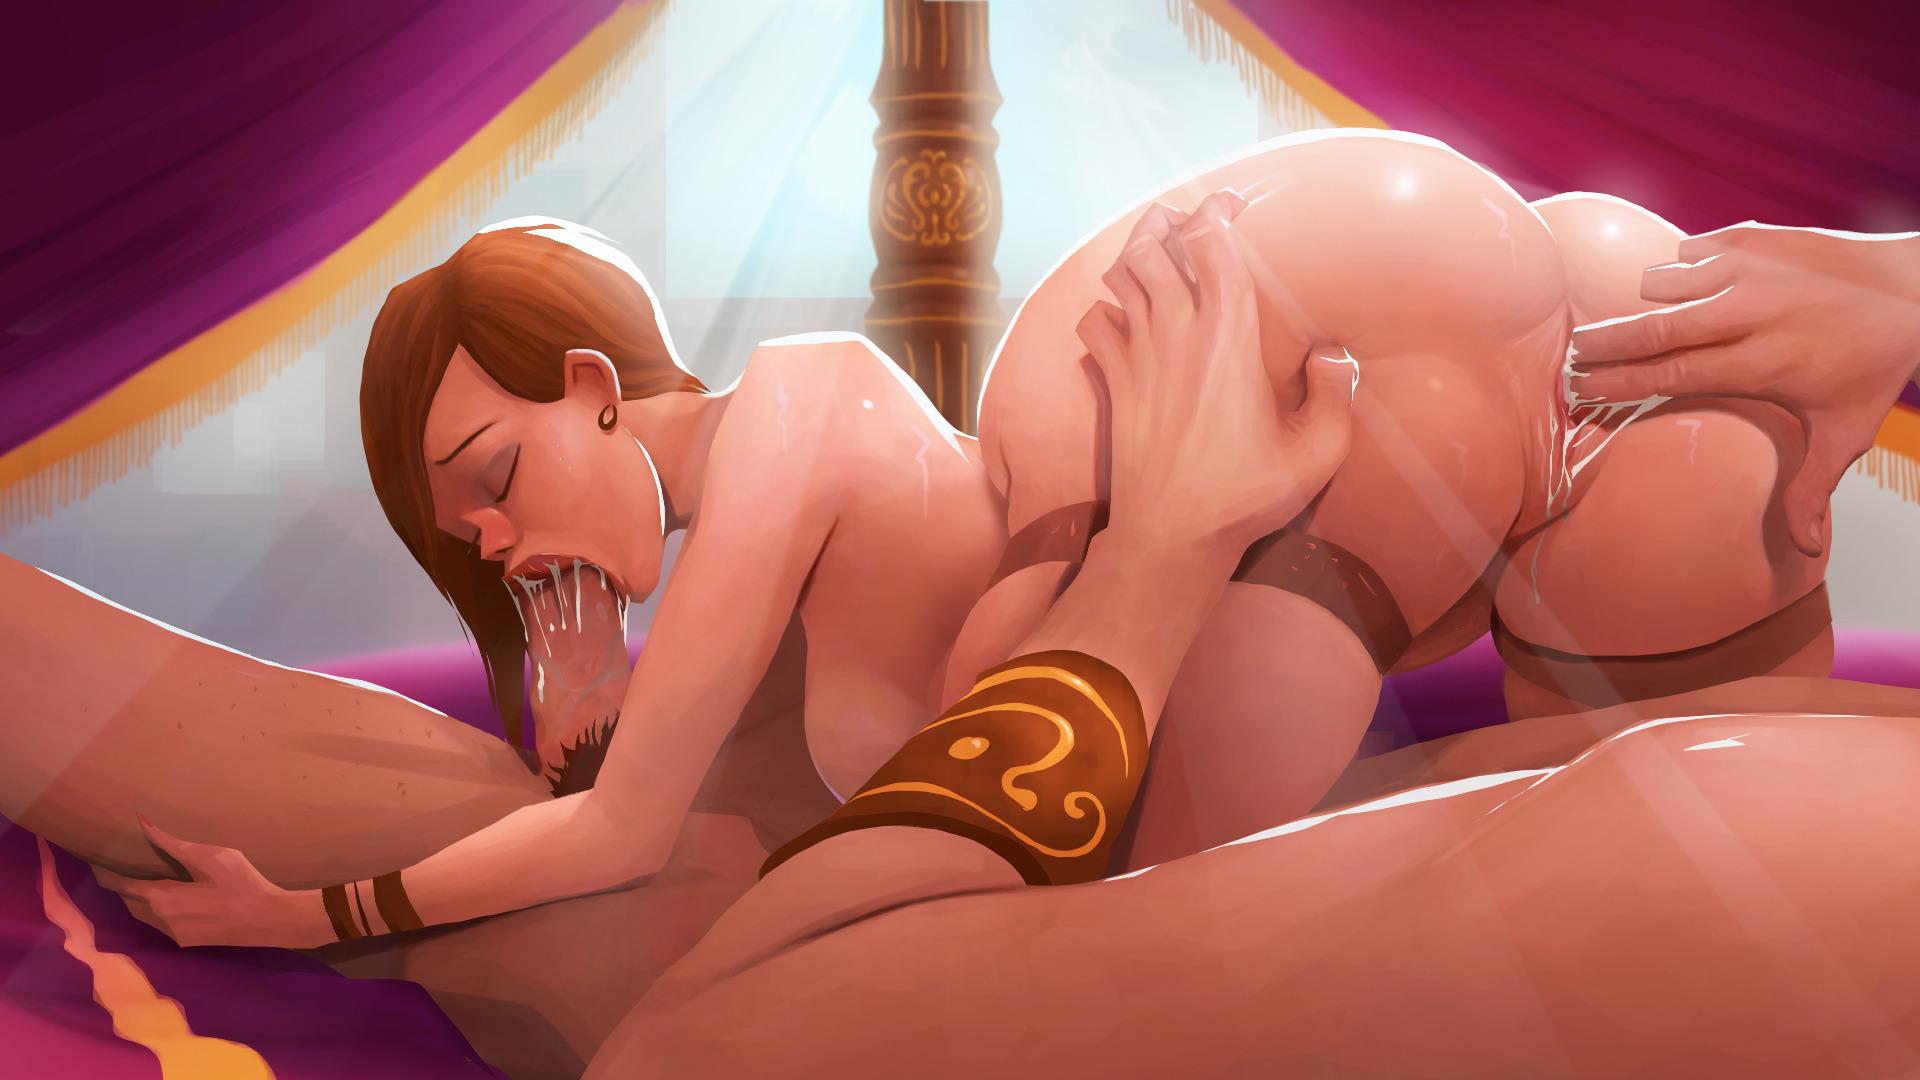 Kingdoms of Lust image 1